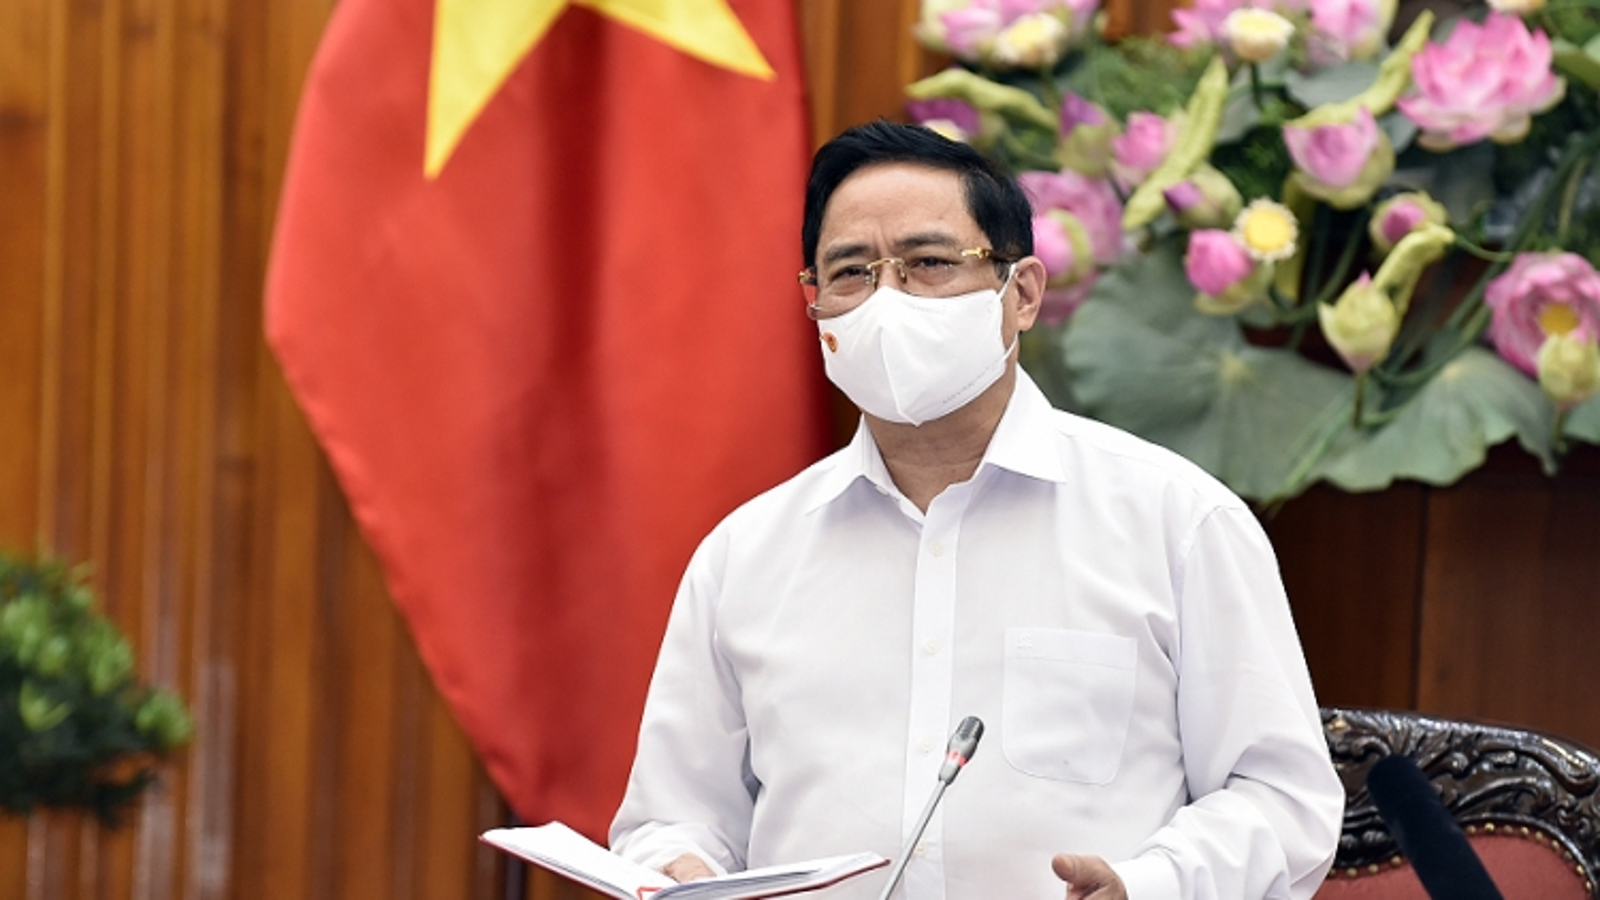 """Thủ tướng: """"Không để một người chủ quan khiến cả xã hội vất vả"""""""